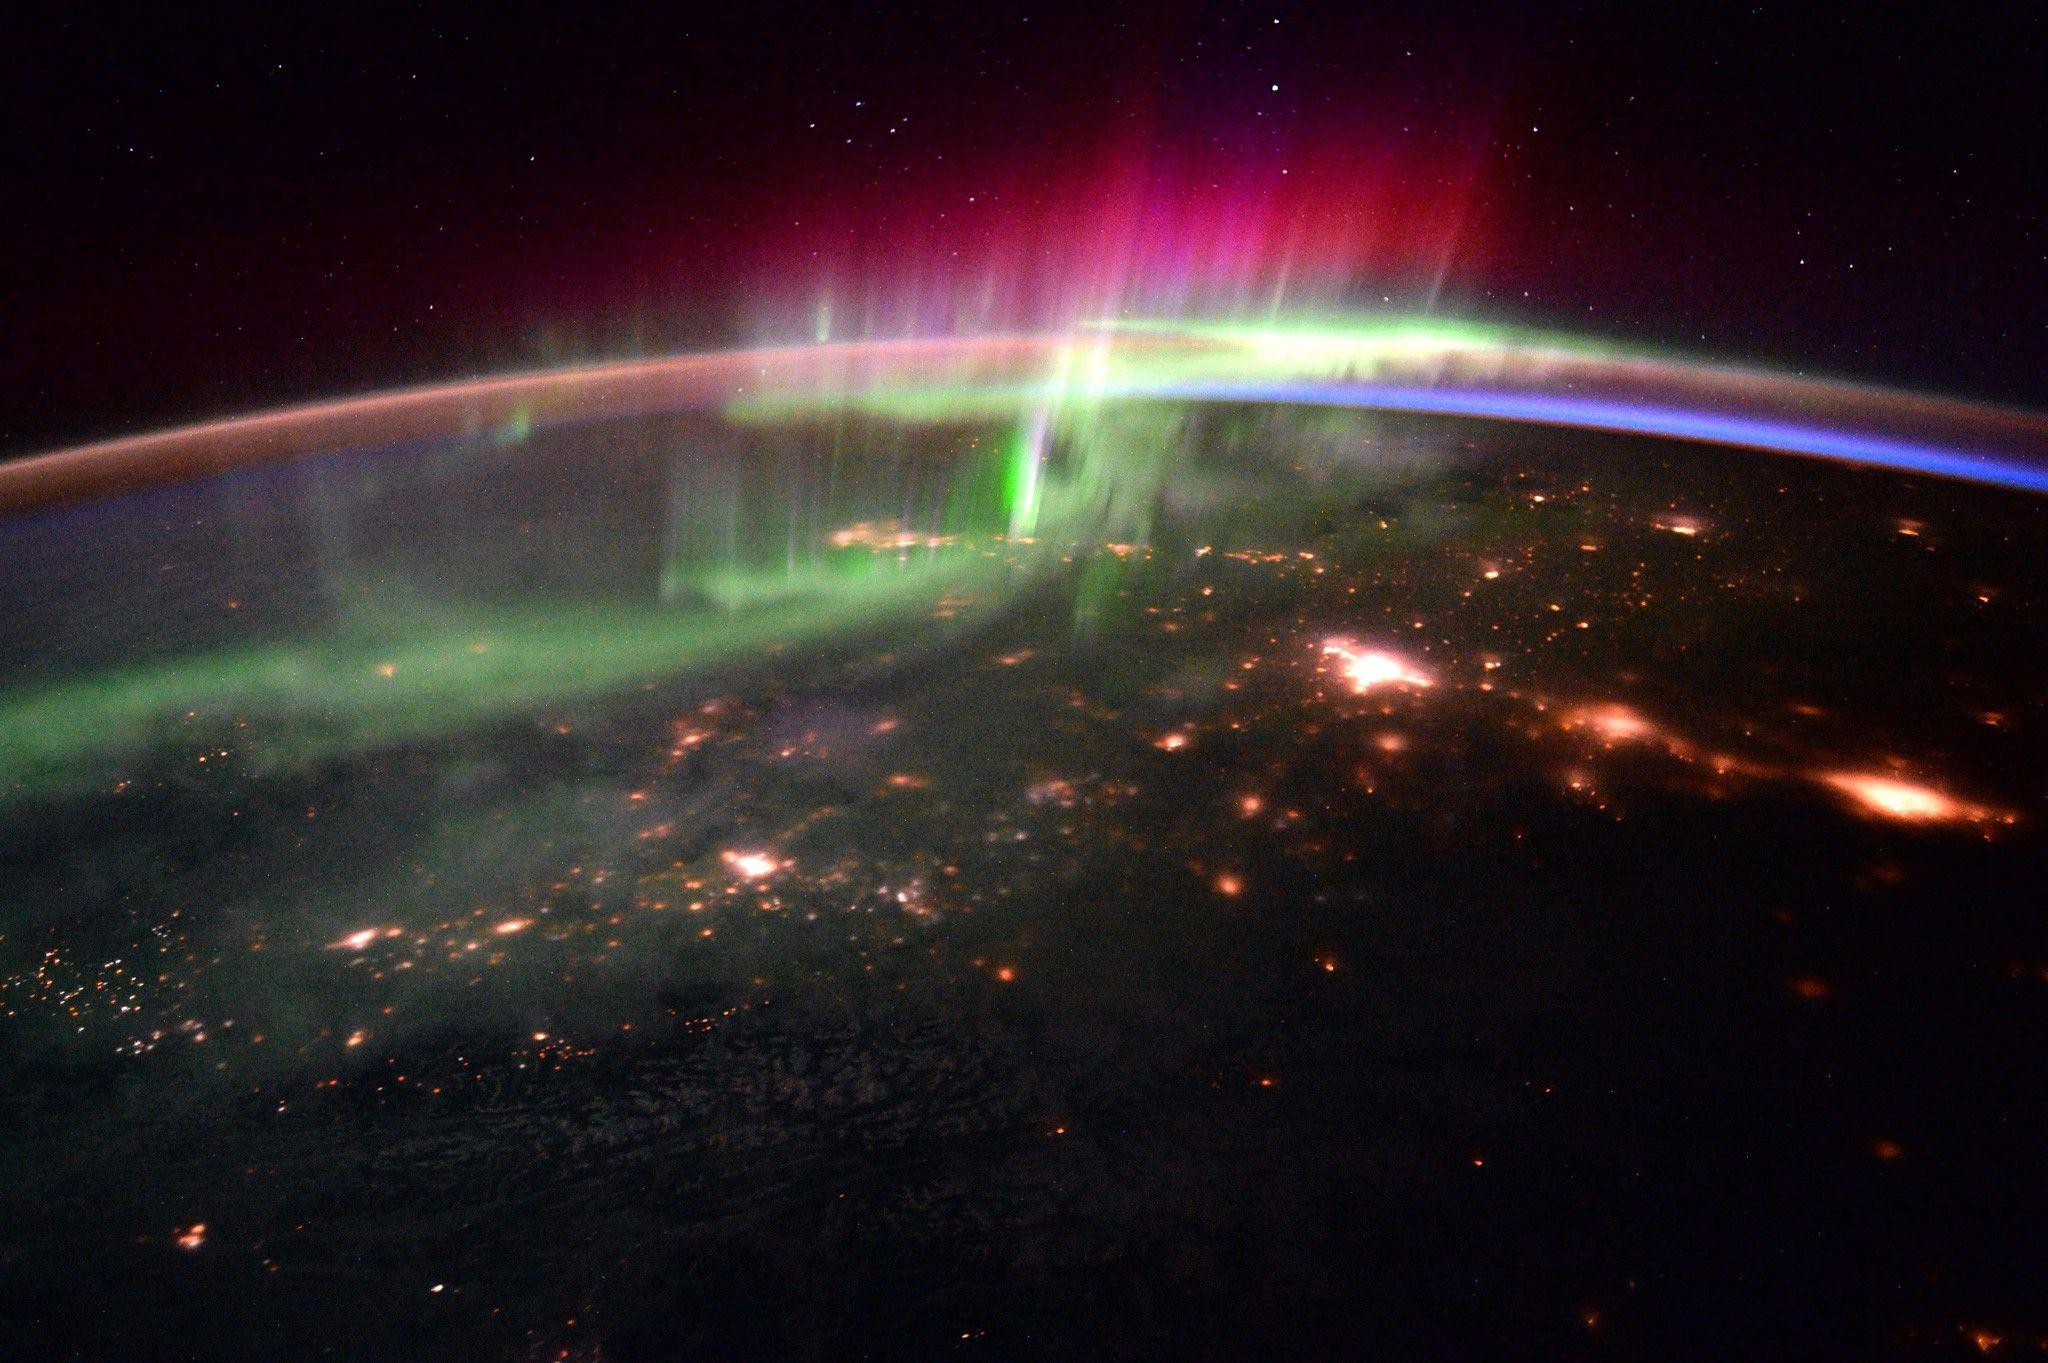 Le champ magnétique de la Terre s'inverse plus souvent qu'on ne le pensait | National Geographic